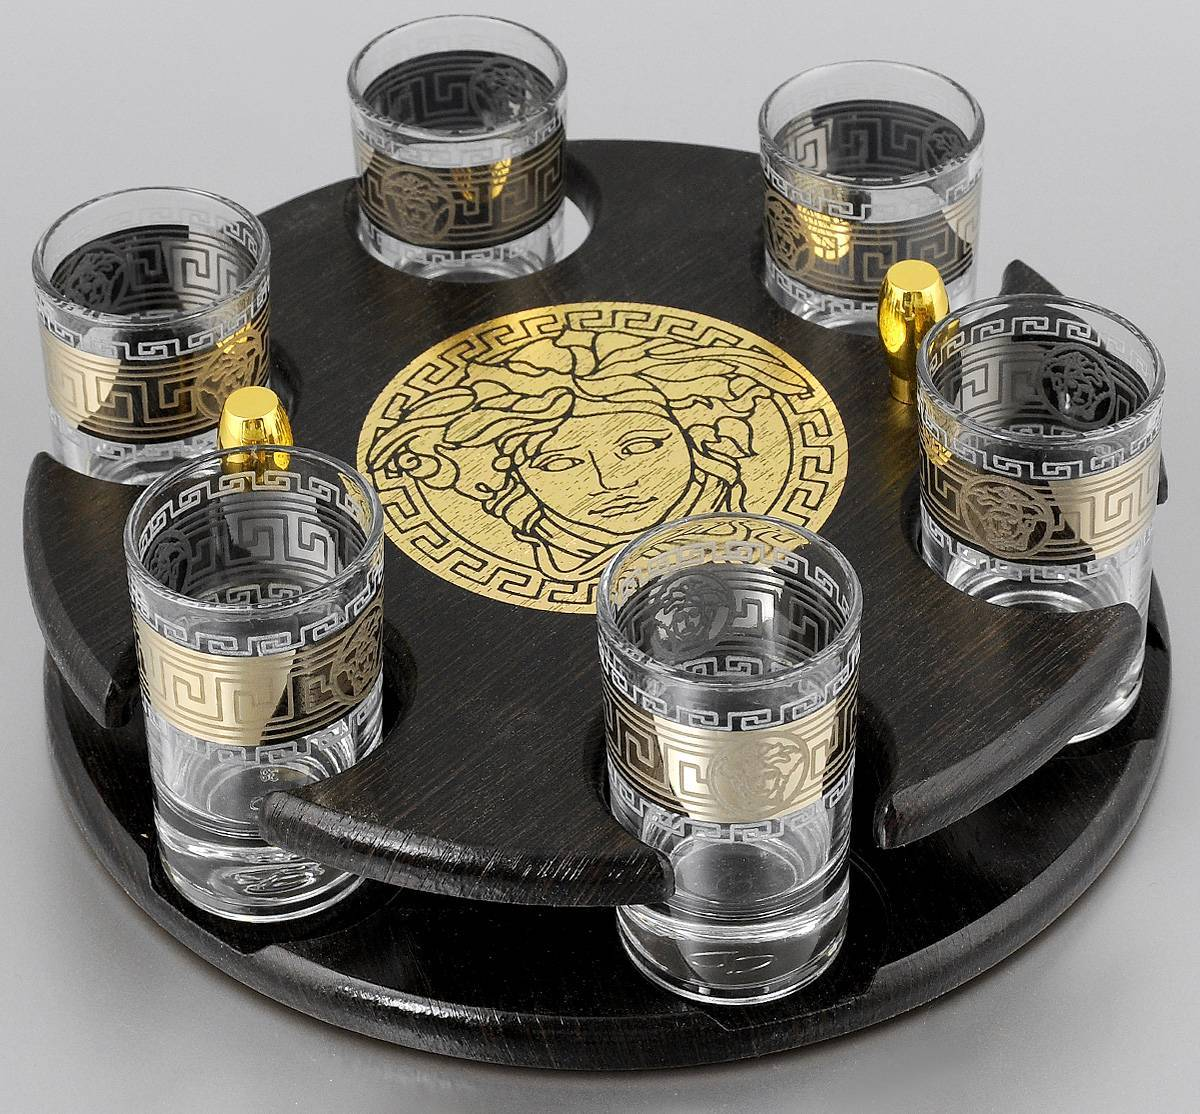 Стаканчики для чая (армуды): виды, секреты подачи, история популярности на востоке